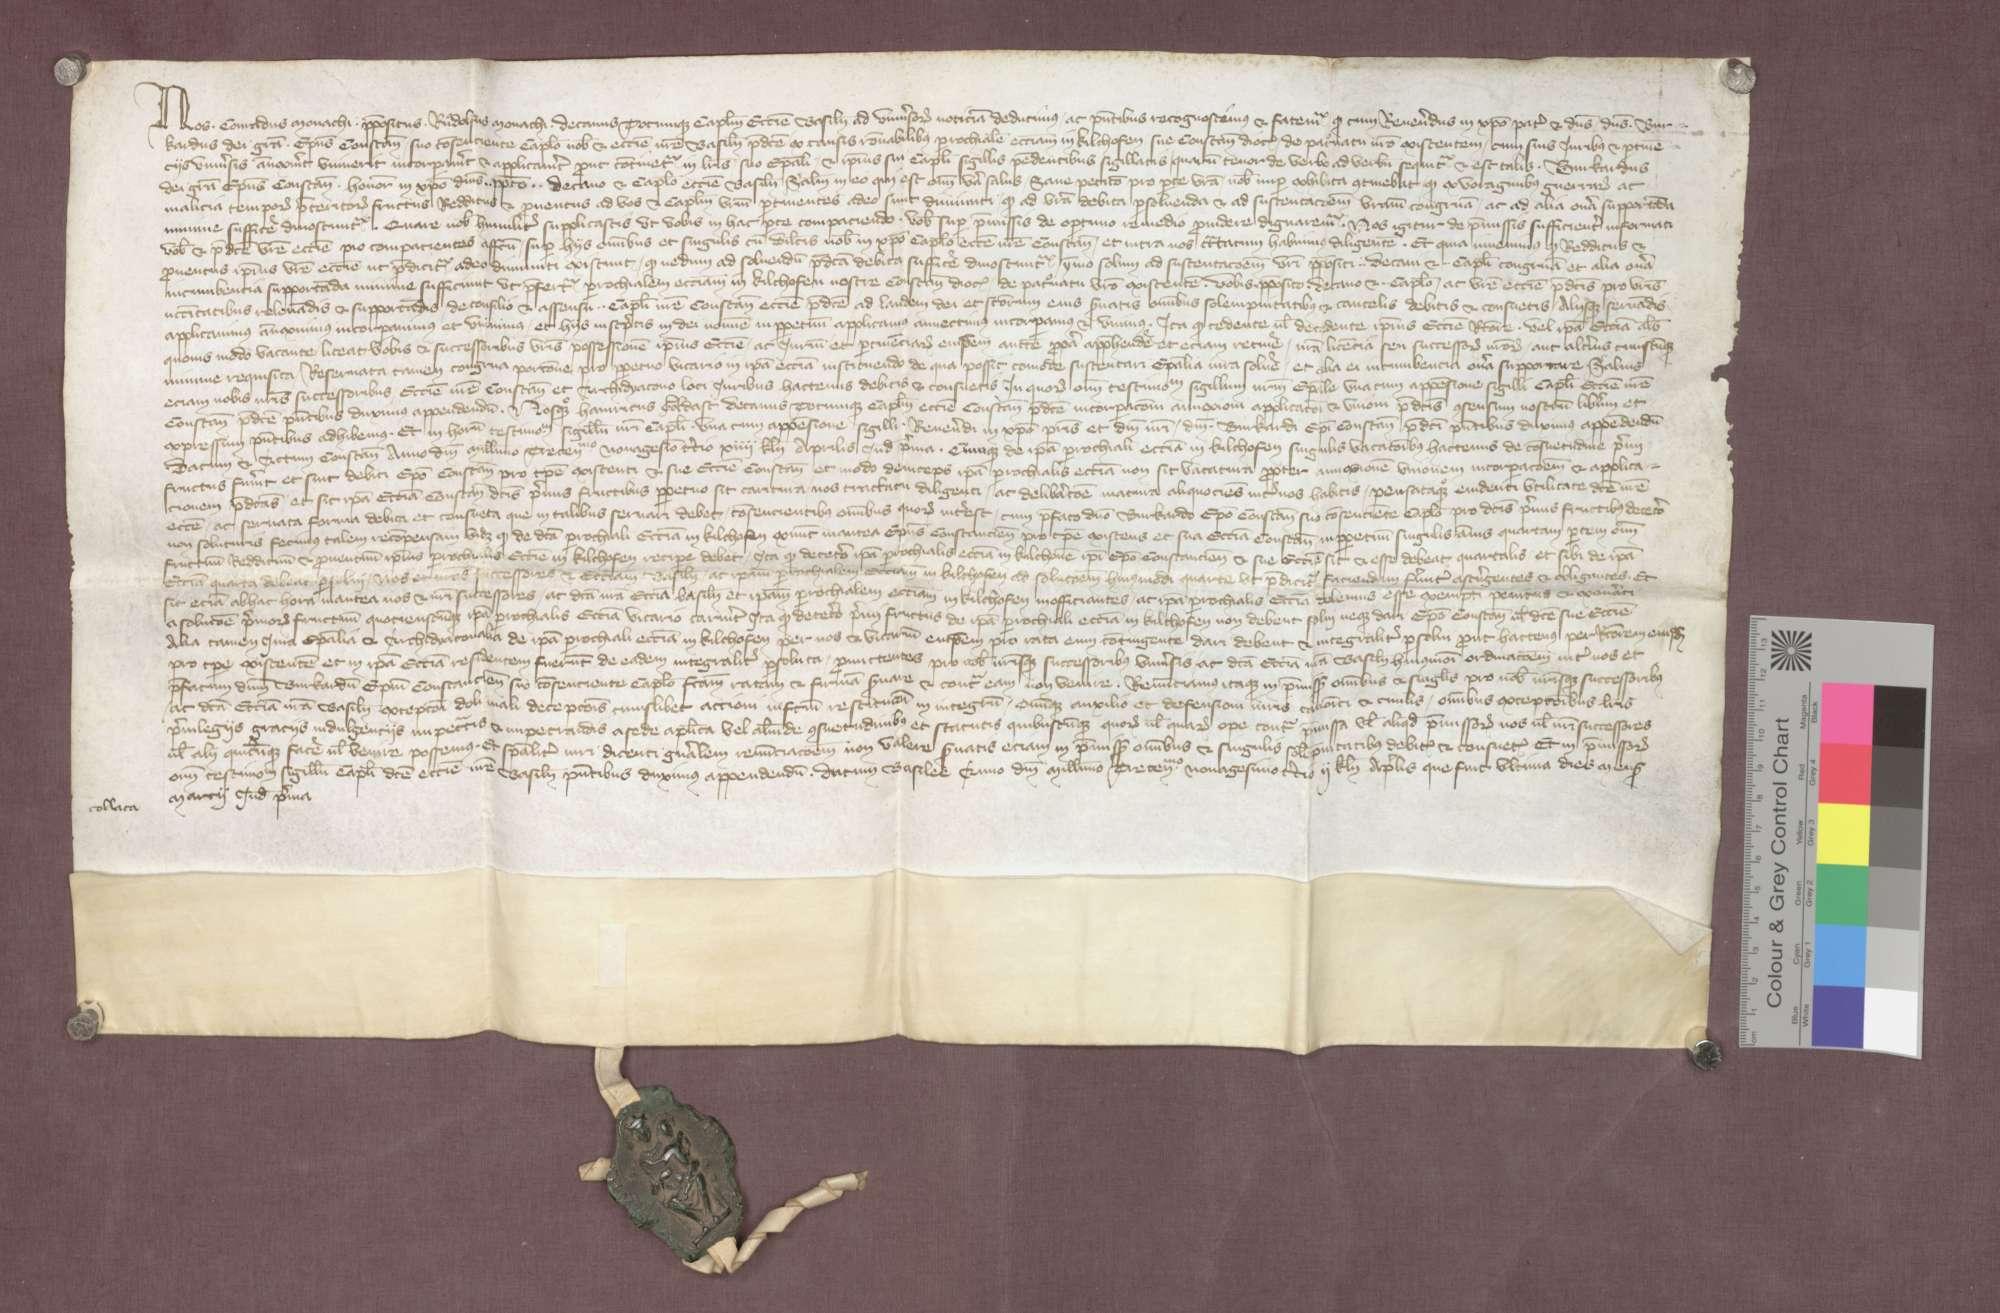 Revers des Basler Domkapitels gegenüber Bischof Burkard von Konstanz über die Inkorporation der Kirche zu Kirchhofen., Bild 1